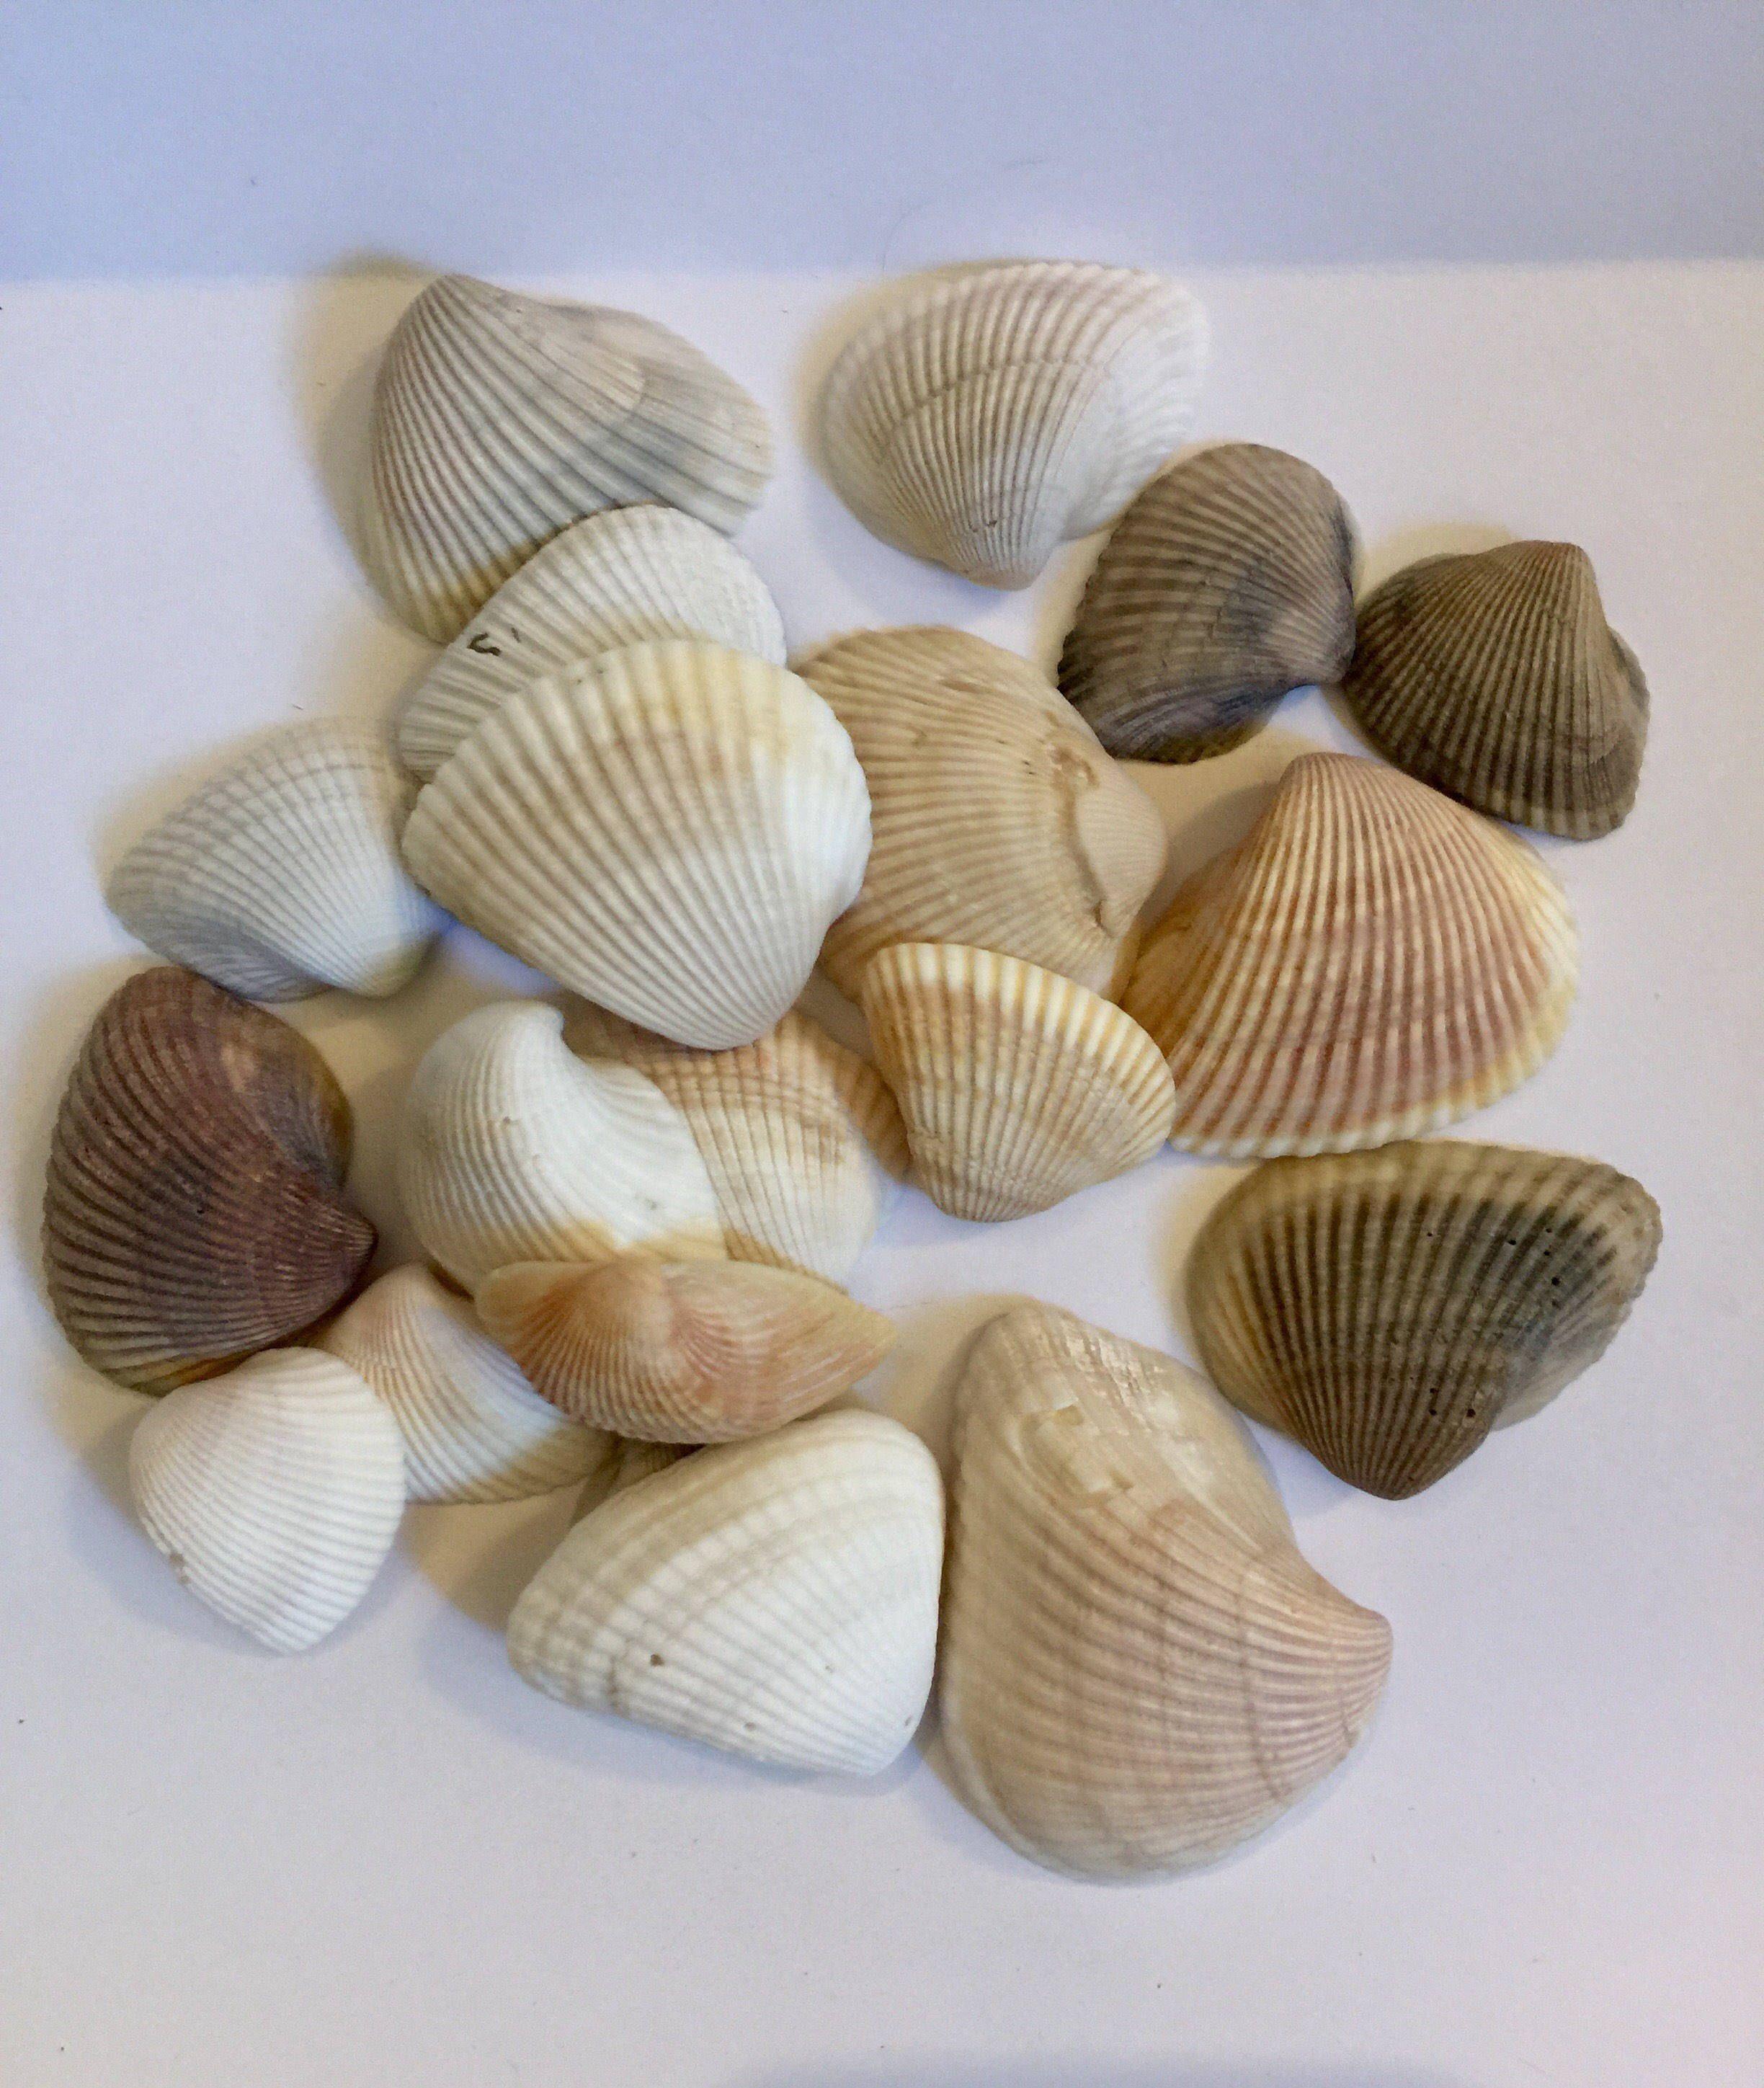 Seashells Wholesale Shells Wholesale Sea Shells Wholesale Craft Shells Seashell Decor Shells For Decoration Bulk Seashells Sea Shell Decor Seashell Crafts Sea Shells